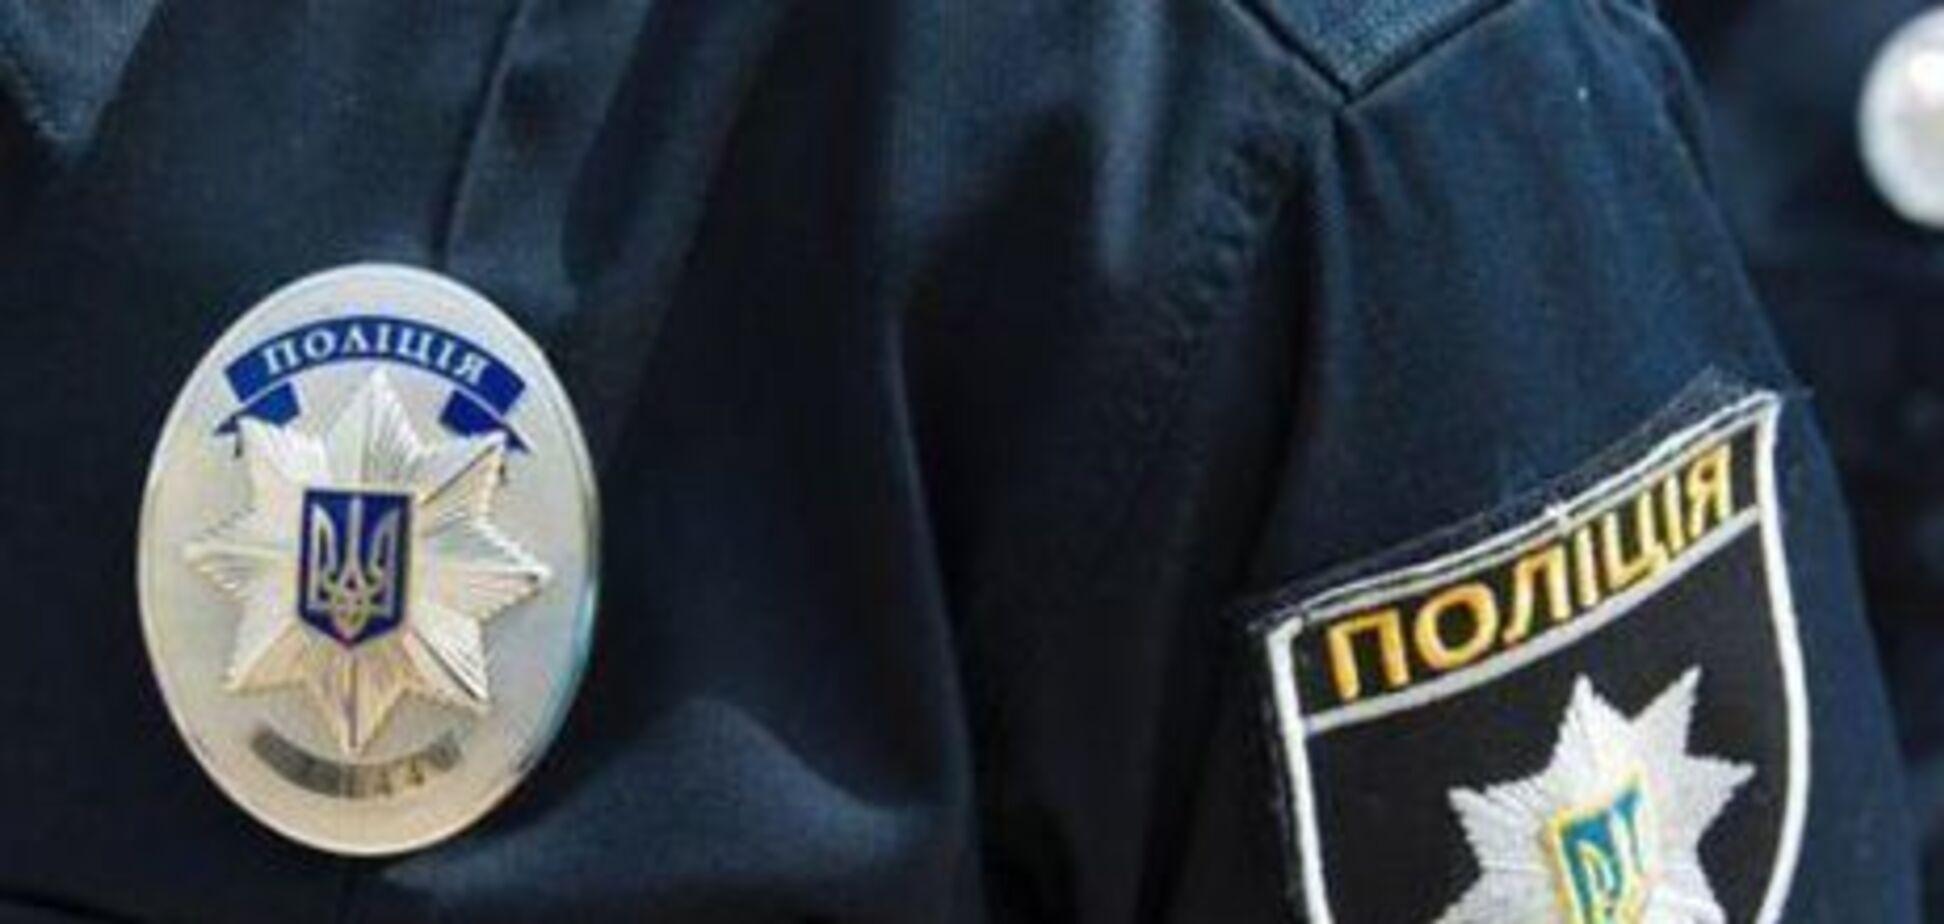 'Я тобі відірву': у Чернігові розгорівся скандал із начальником поліції